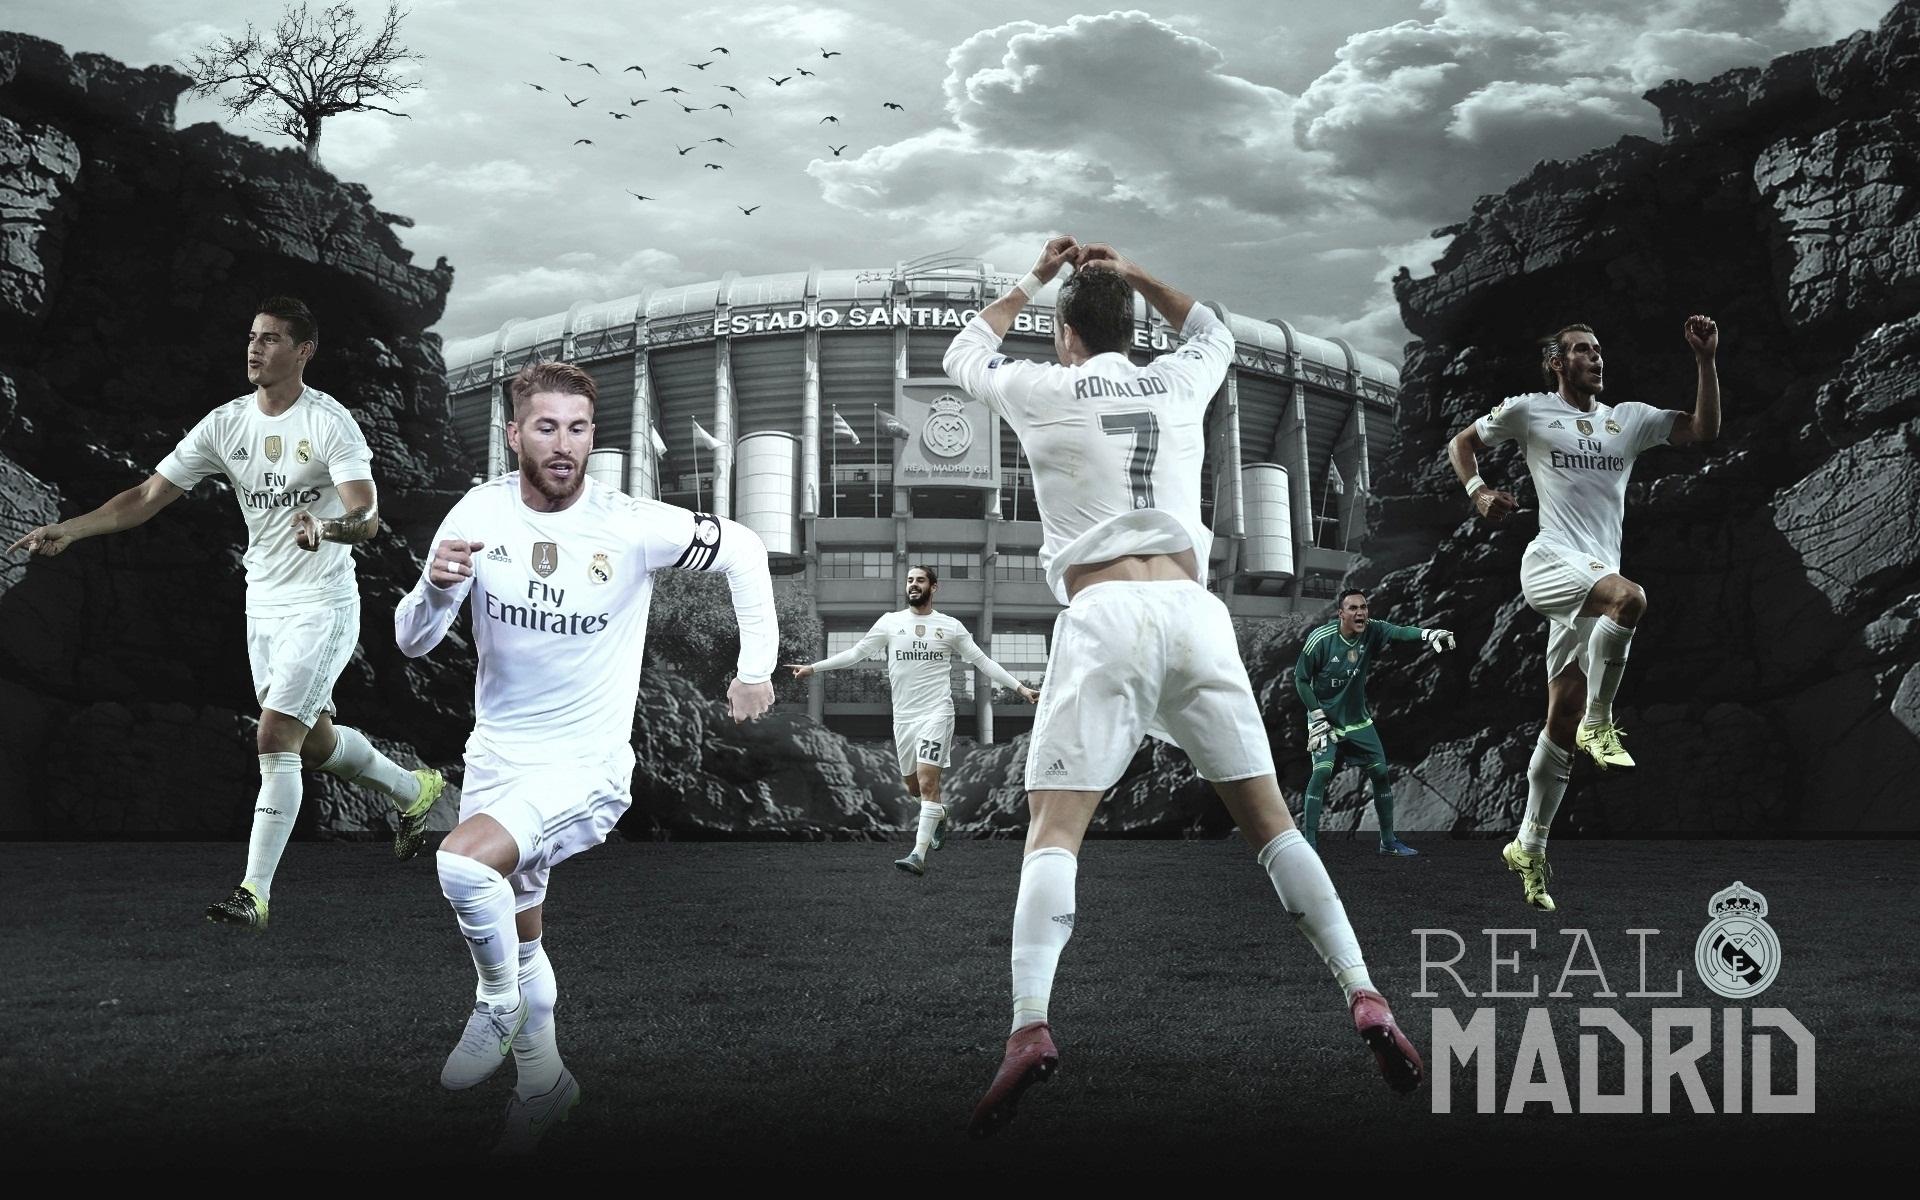 Real Madrid Wallpaper 2015 16 By Chrisramos4gfx On Deviantart